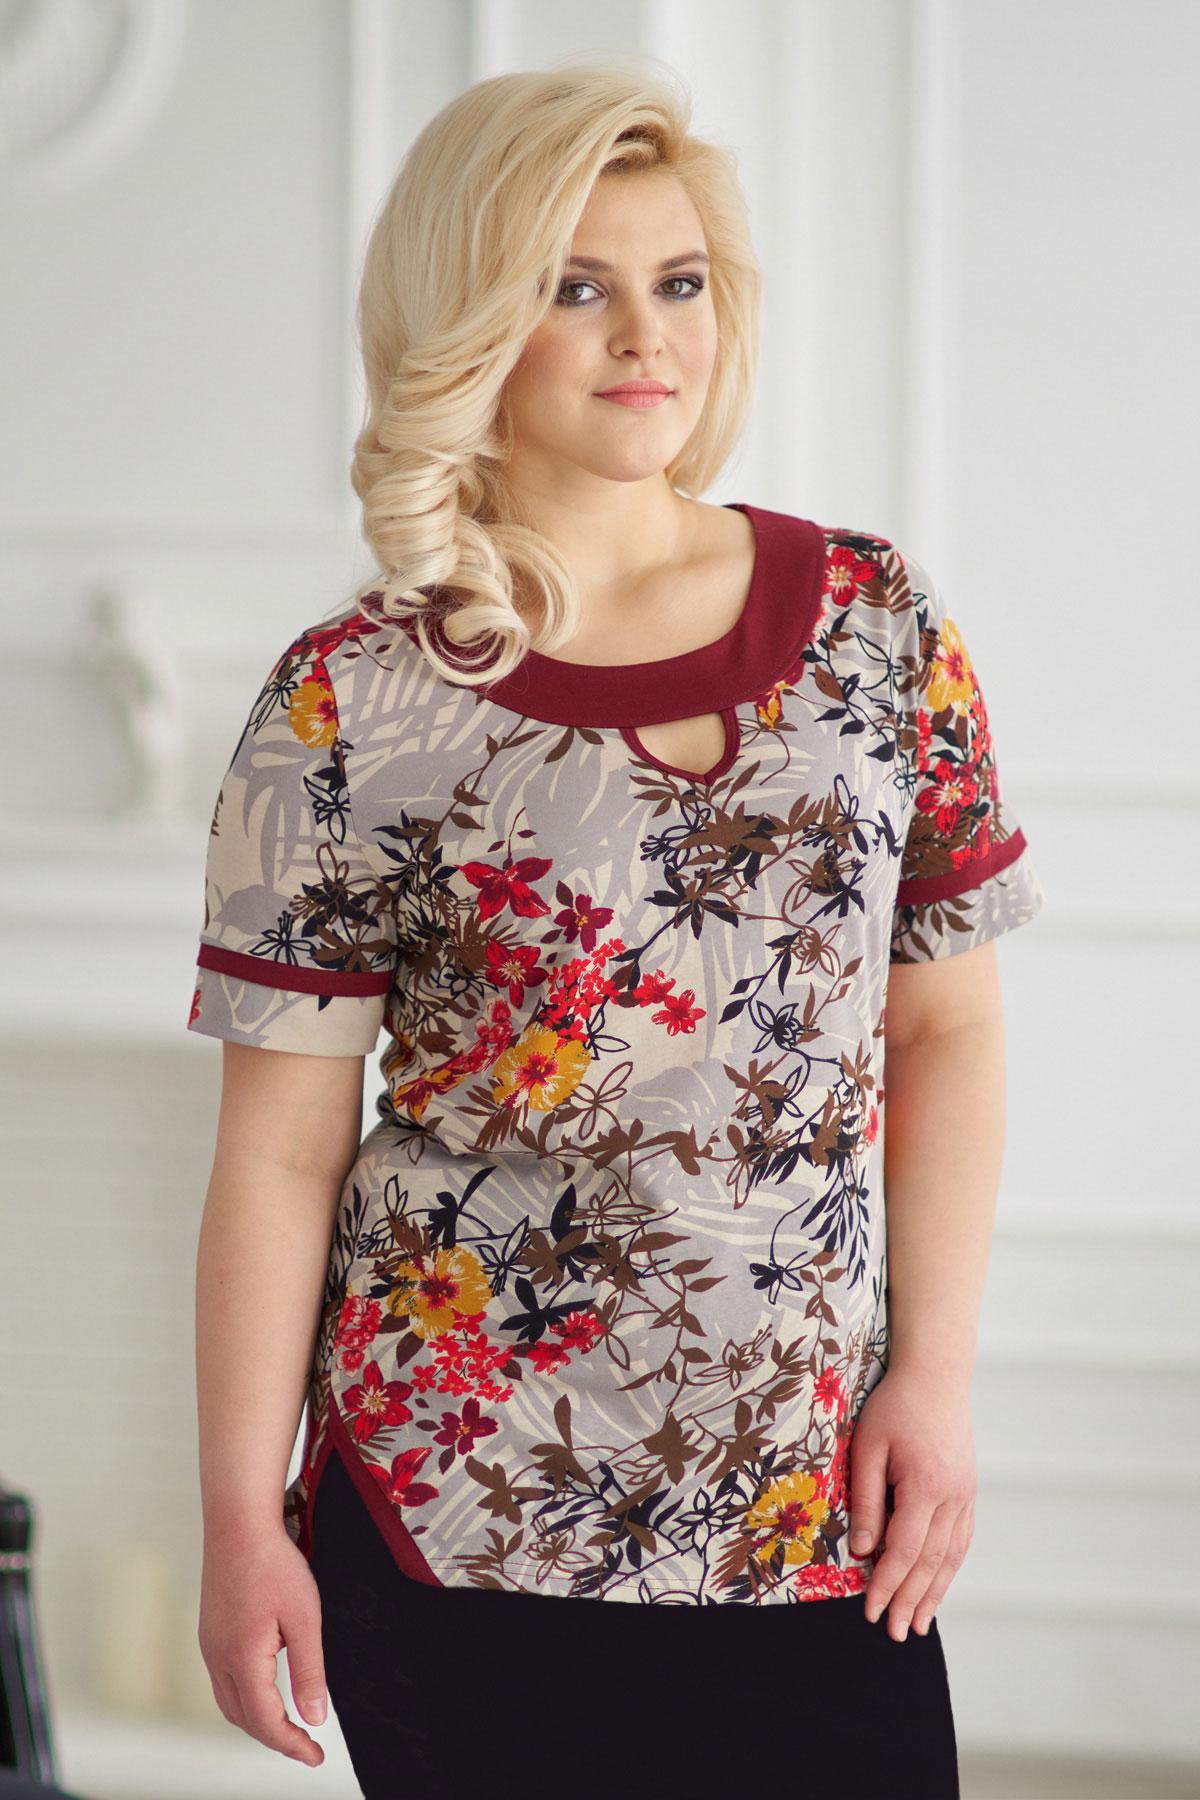 где купить Жен. блуза арт. 19-0146 Бордо р. 52 по лучшей цене